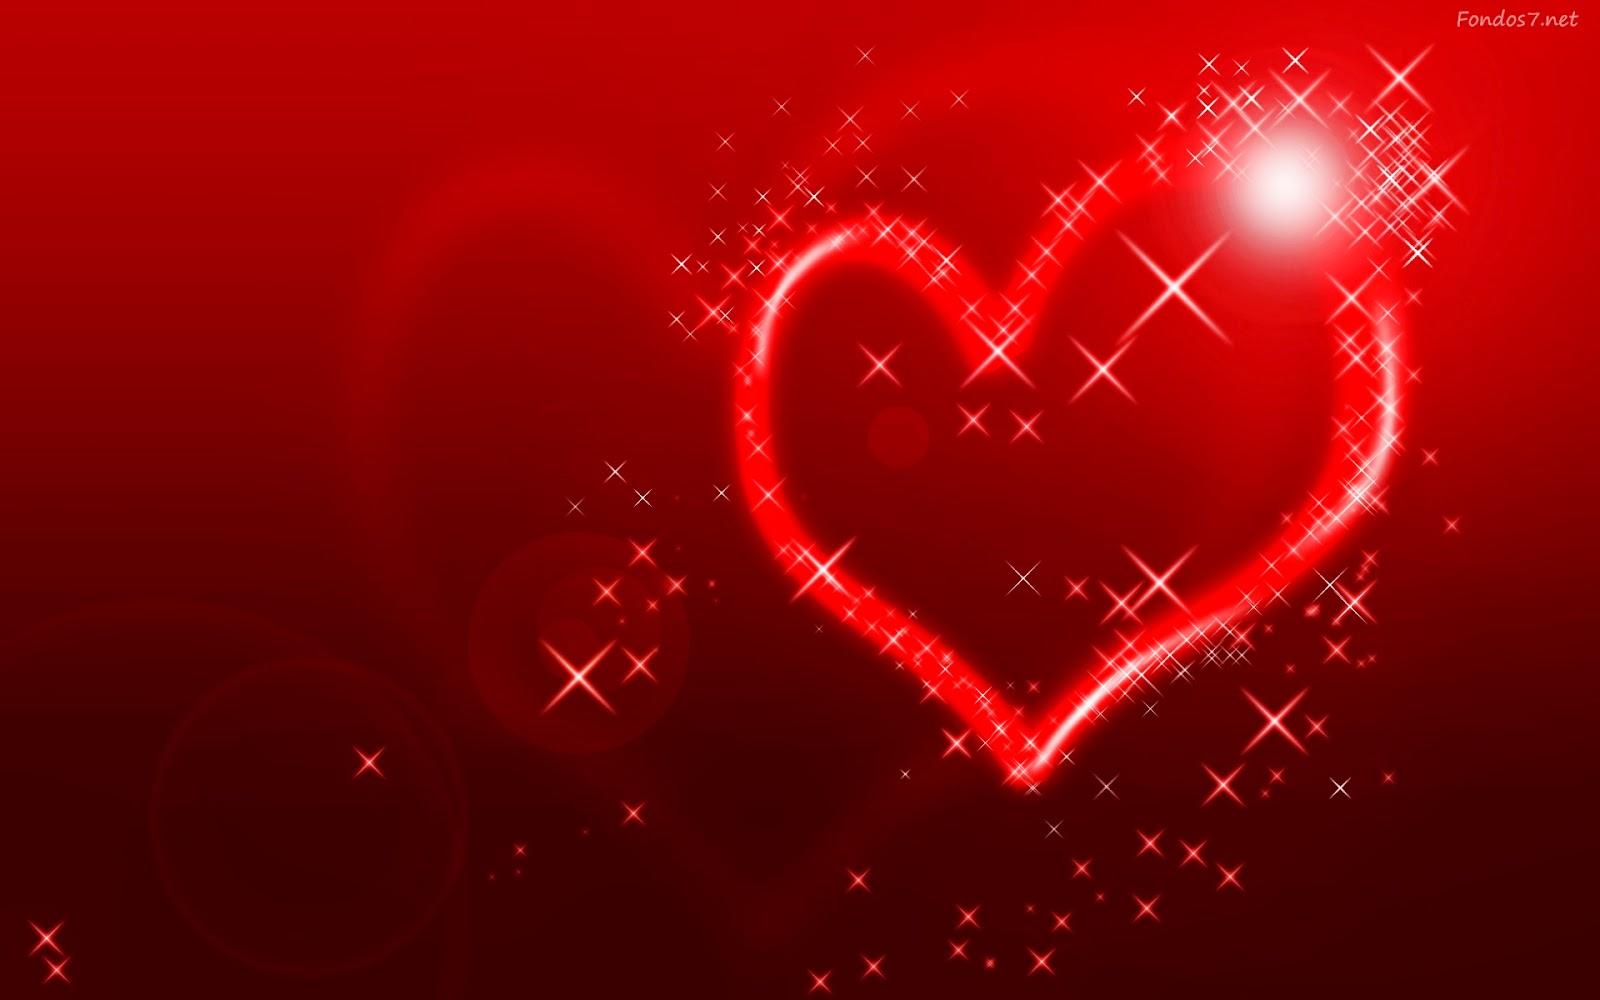 Animated Love Couple Wallpapers Banco De Imagenes Y Fotos Gratis Corazones Wallpapers Y